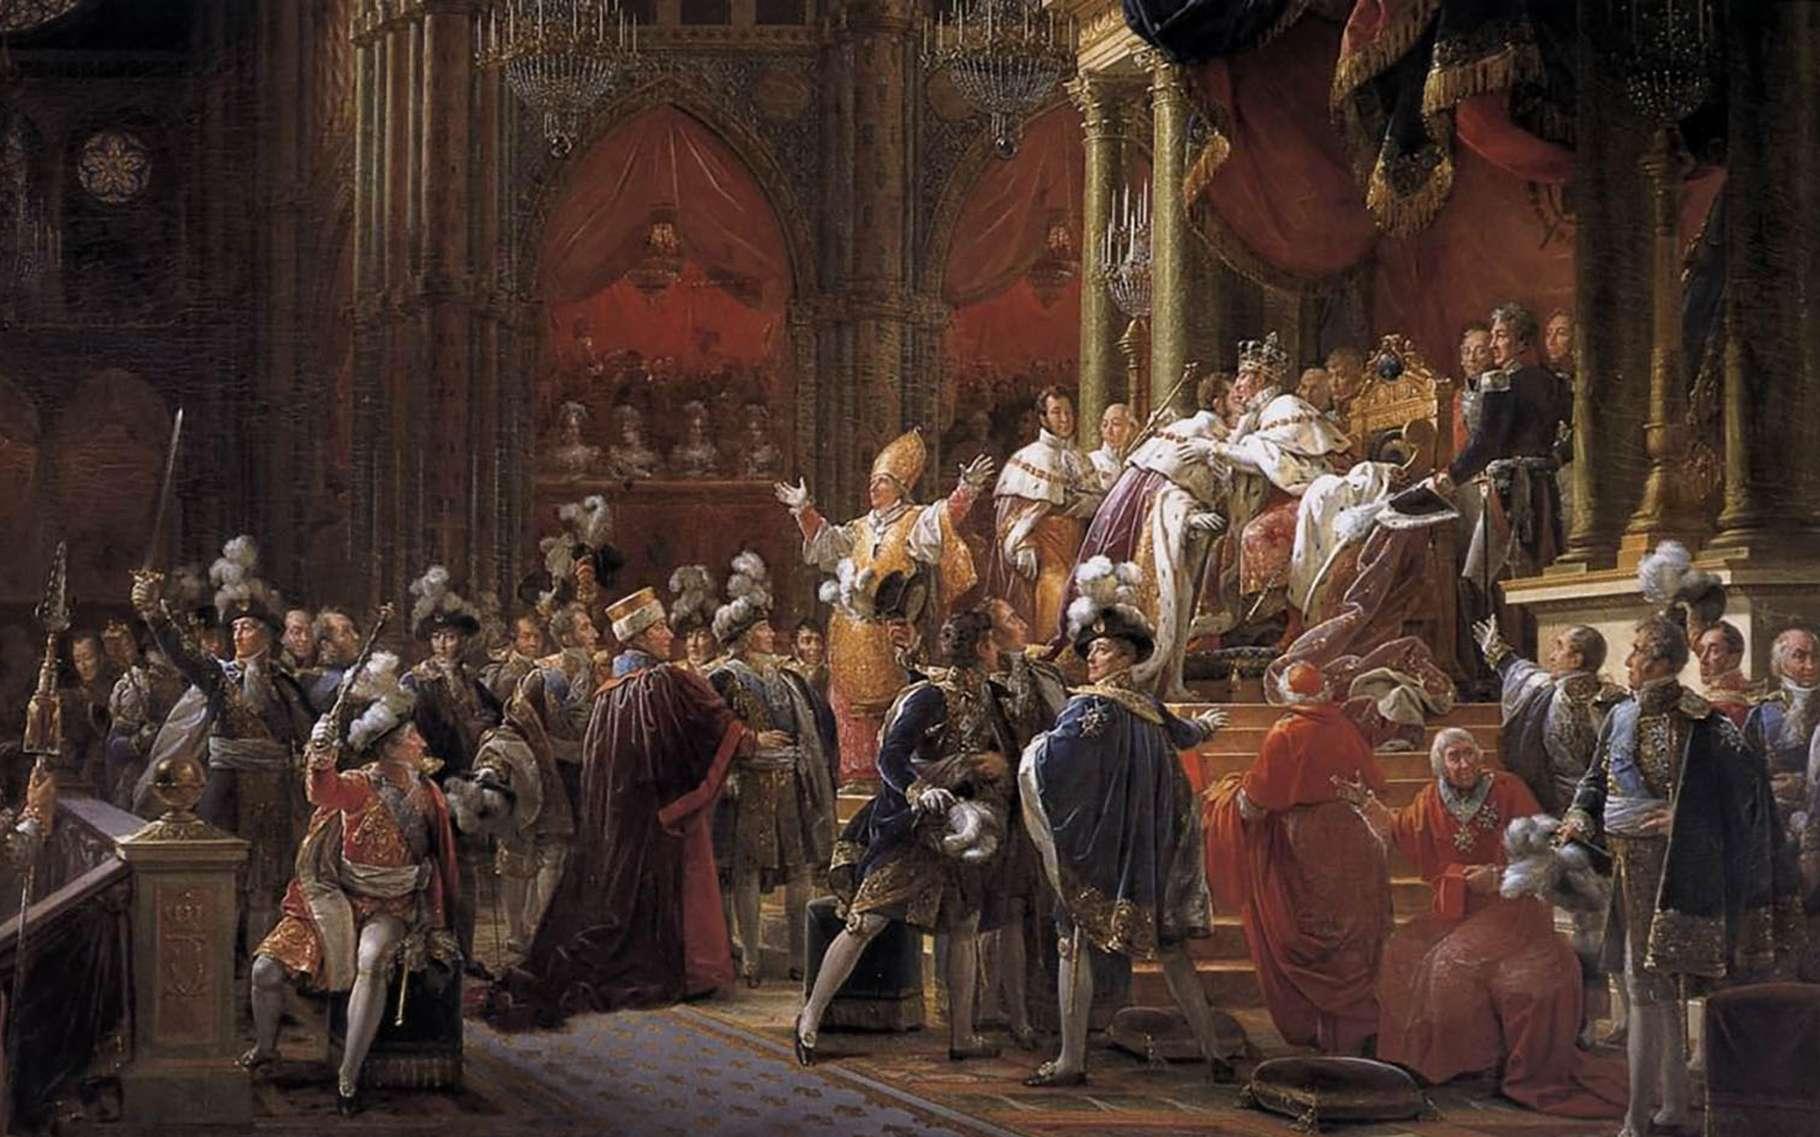 Le sacre de Charles X. © Musée des Beaux-Arts de Chartres, Wikimedia commons, DP